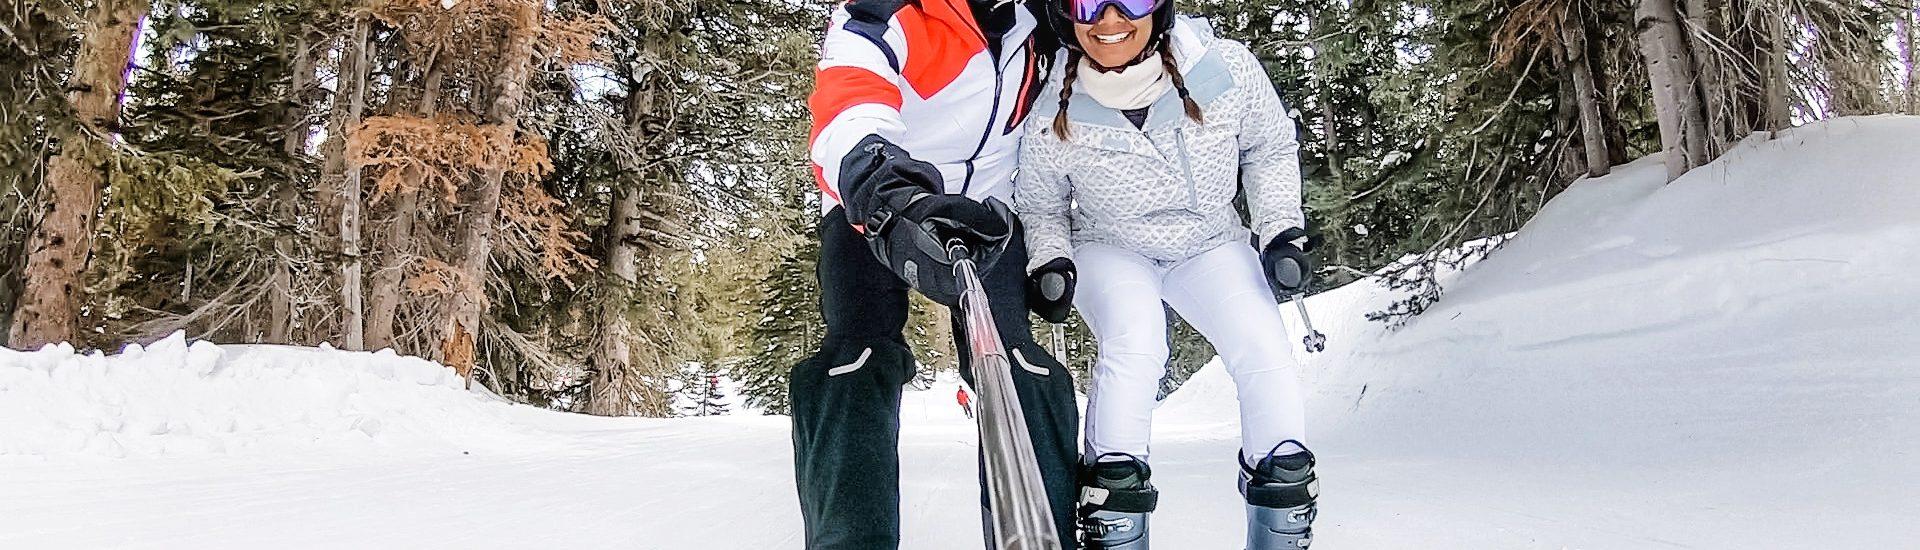 Skiing in Alta, Utah